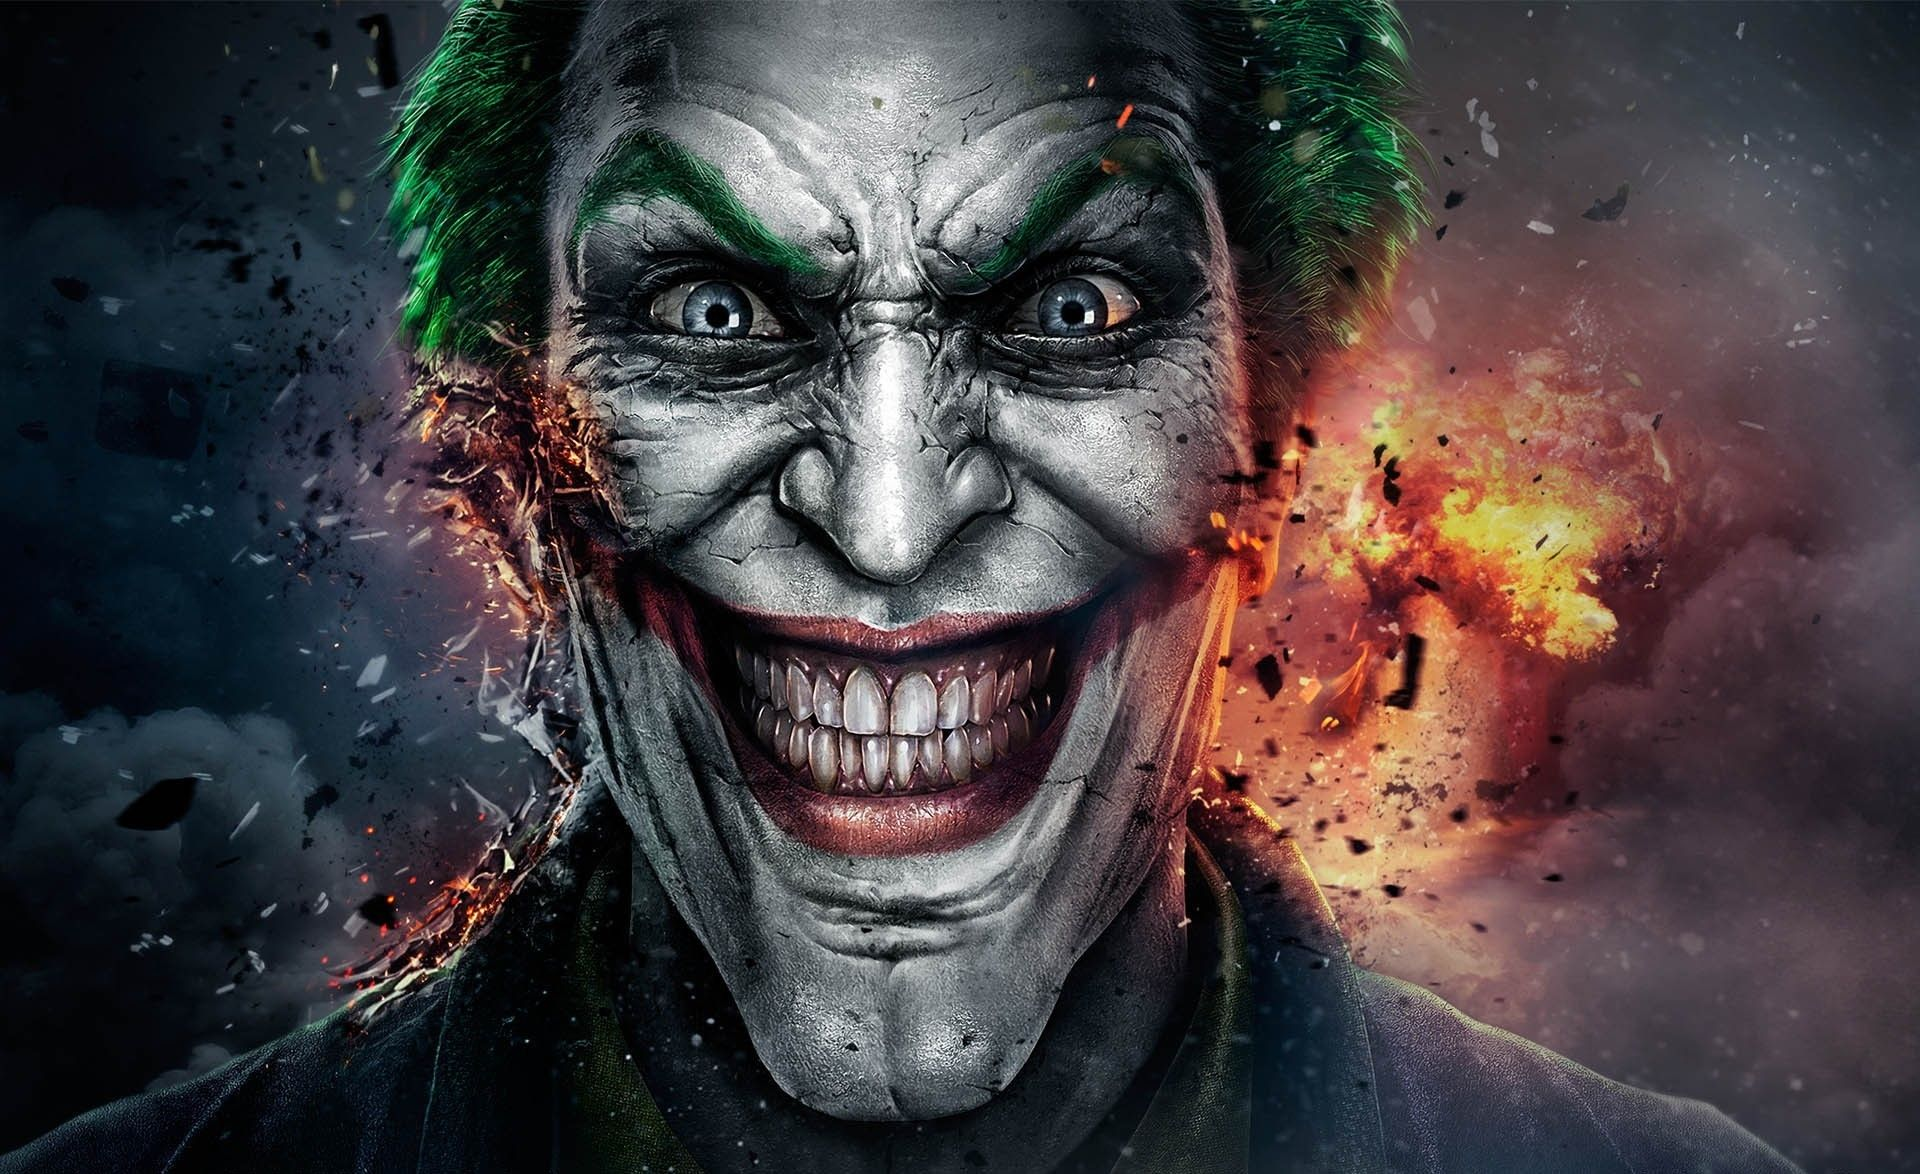 download wallpaper x joker art face full hd p hd